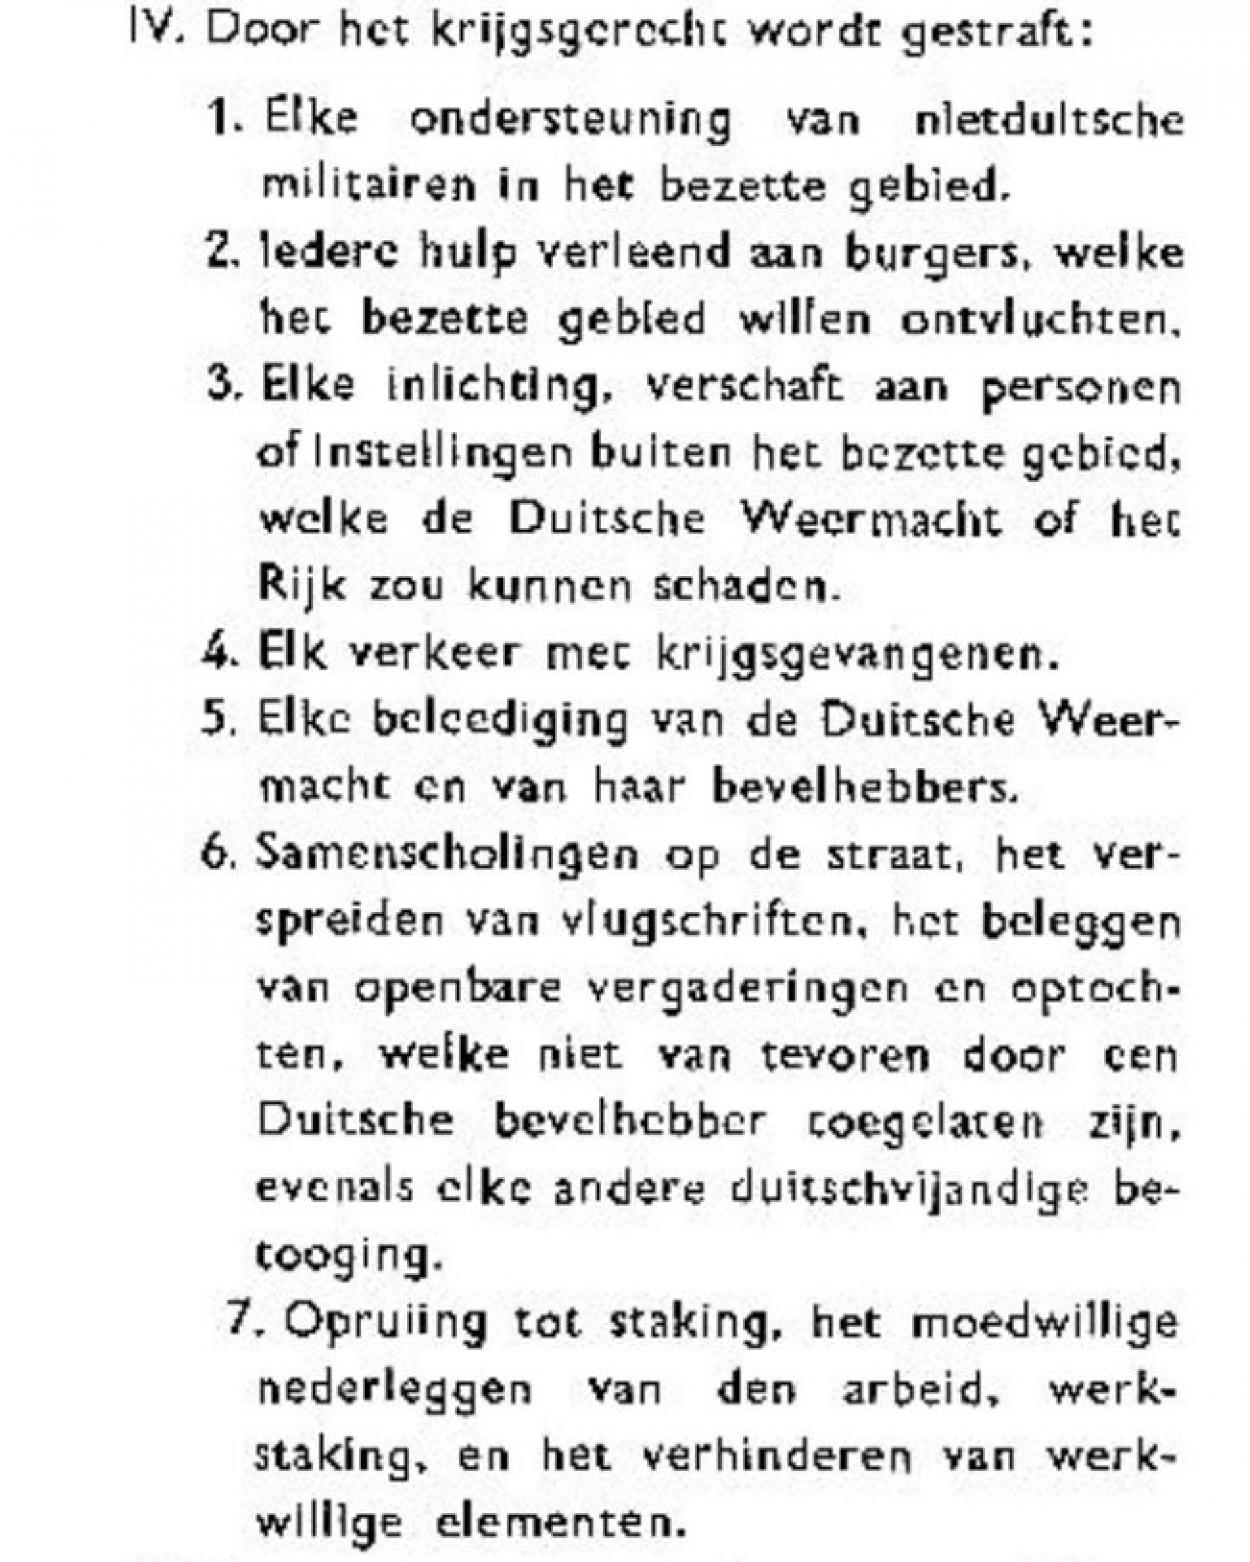 verordnungsblatt-10-5-1940.jpg